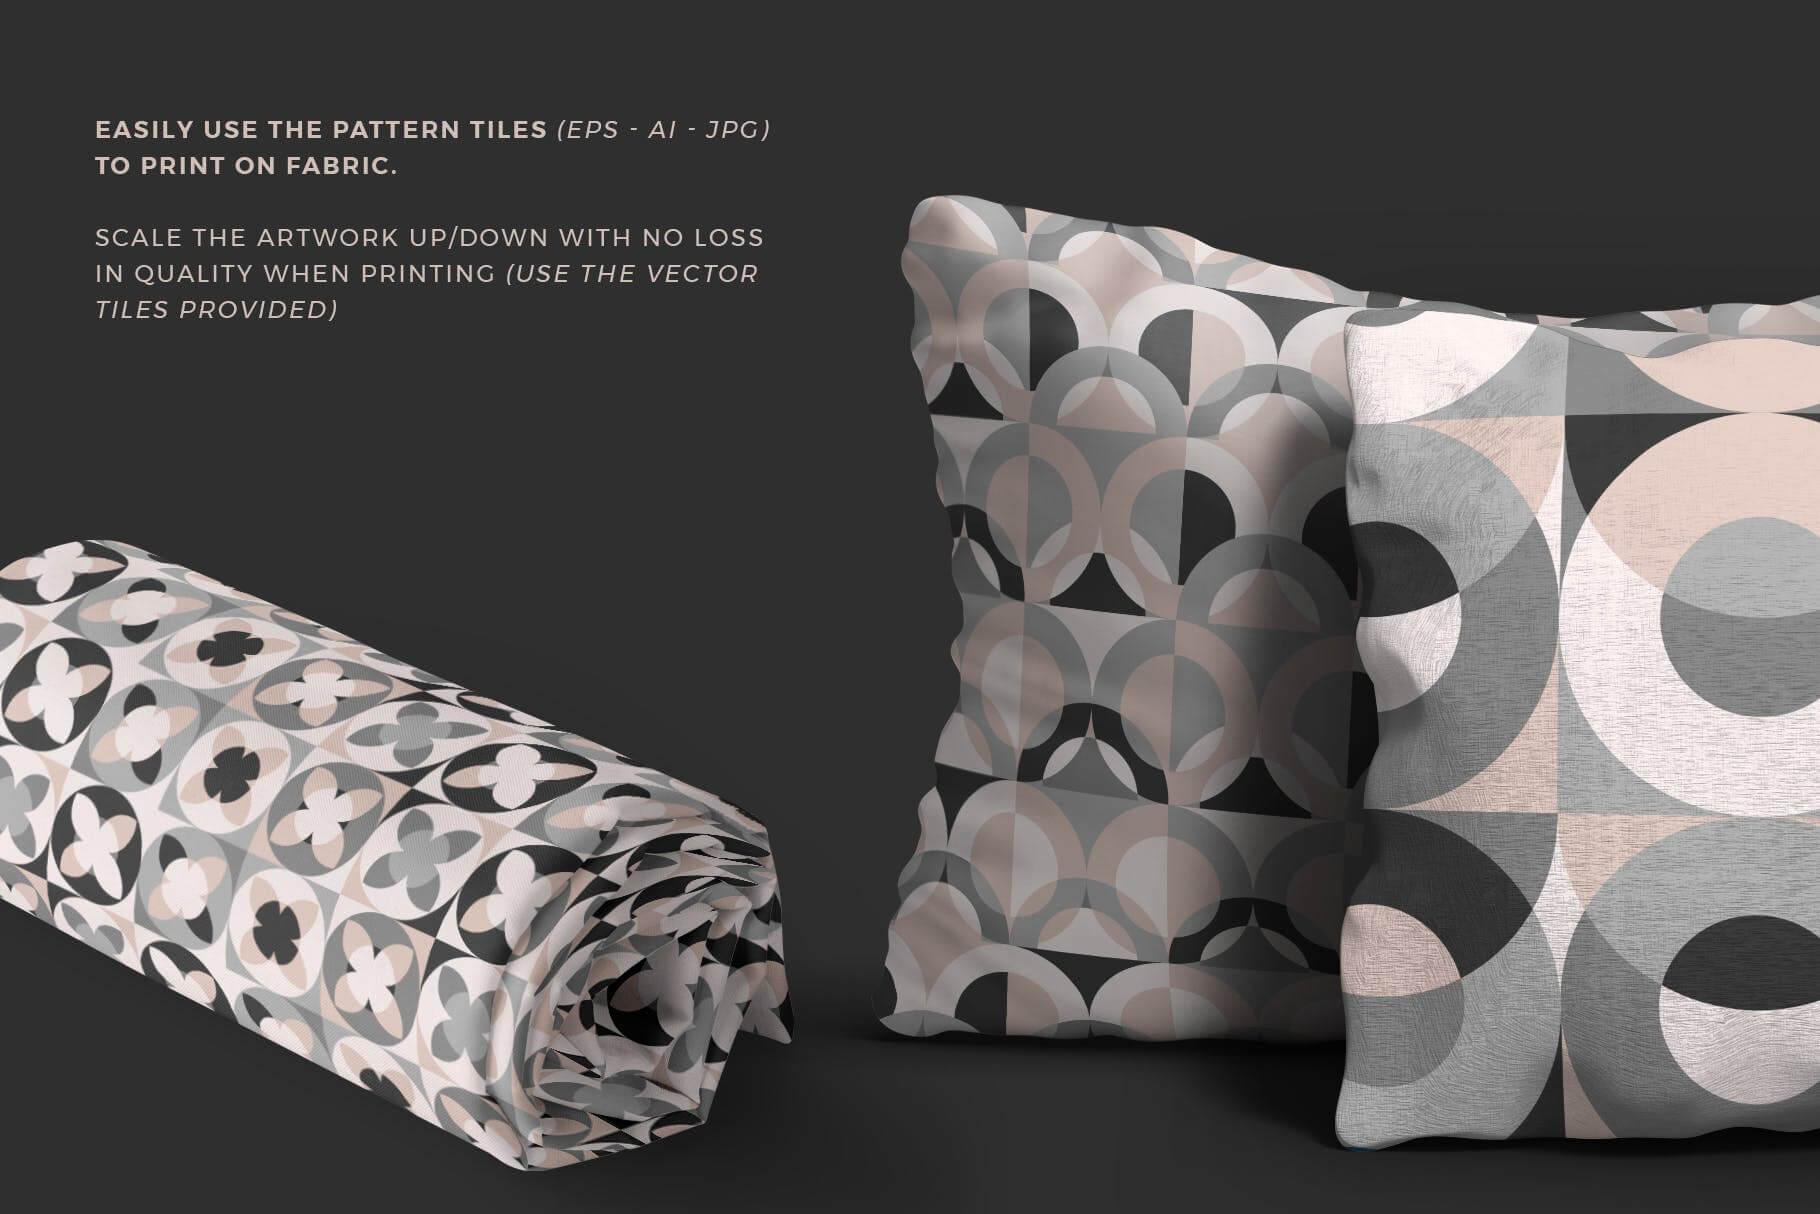 布艺面料装饰纹理图案花纹品牌辅助图形Geometric Play Patterns Tiles插图(2)